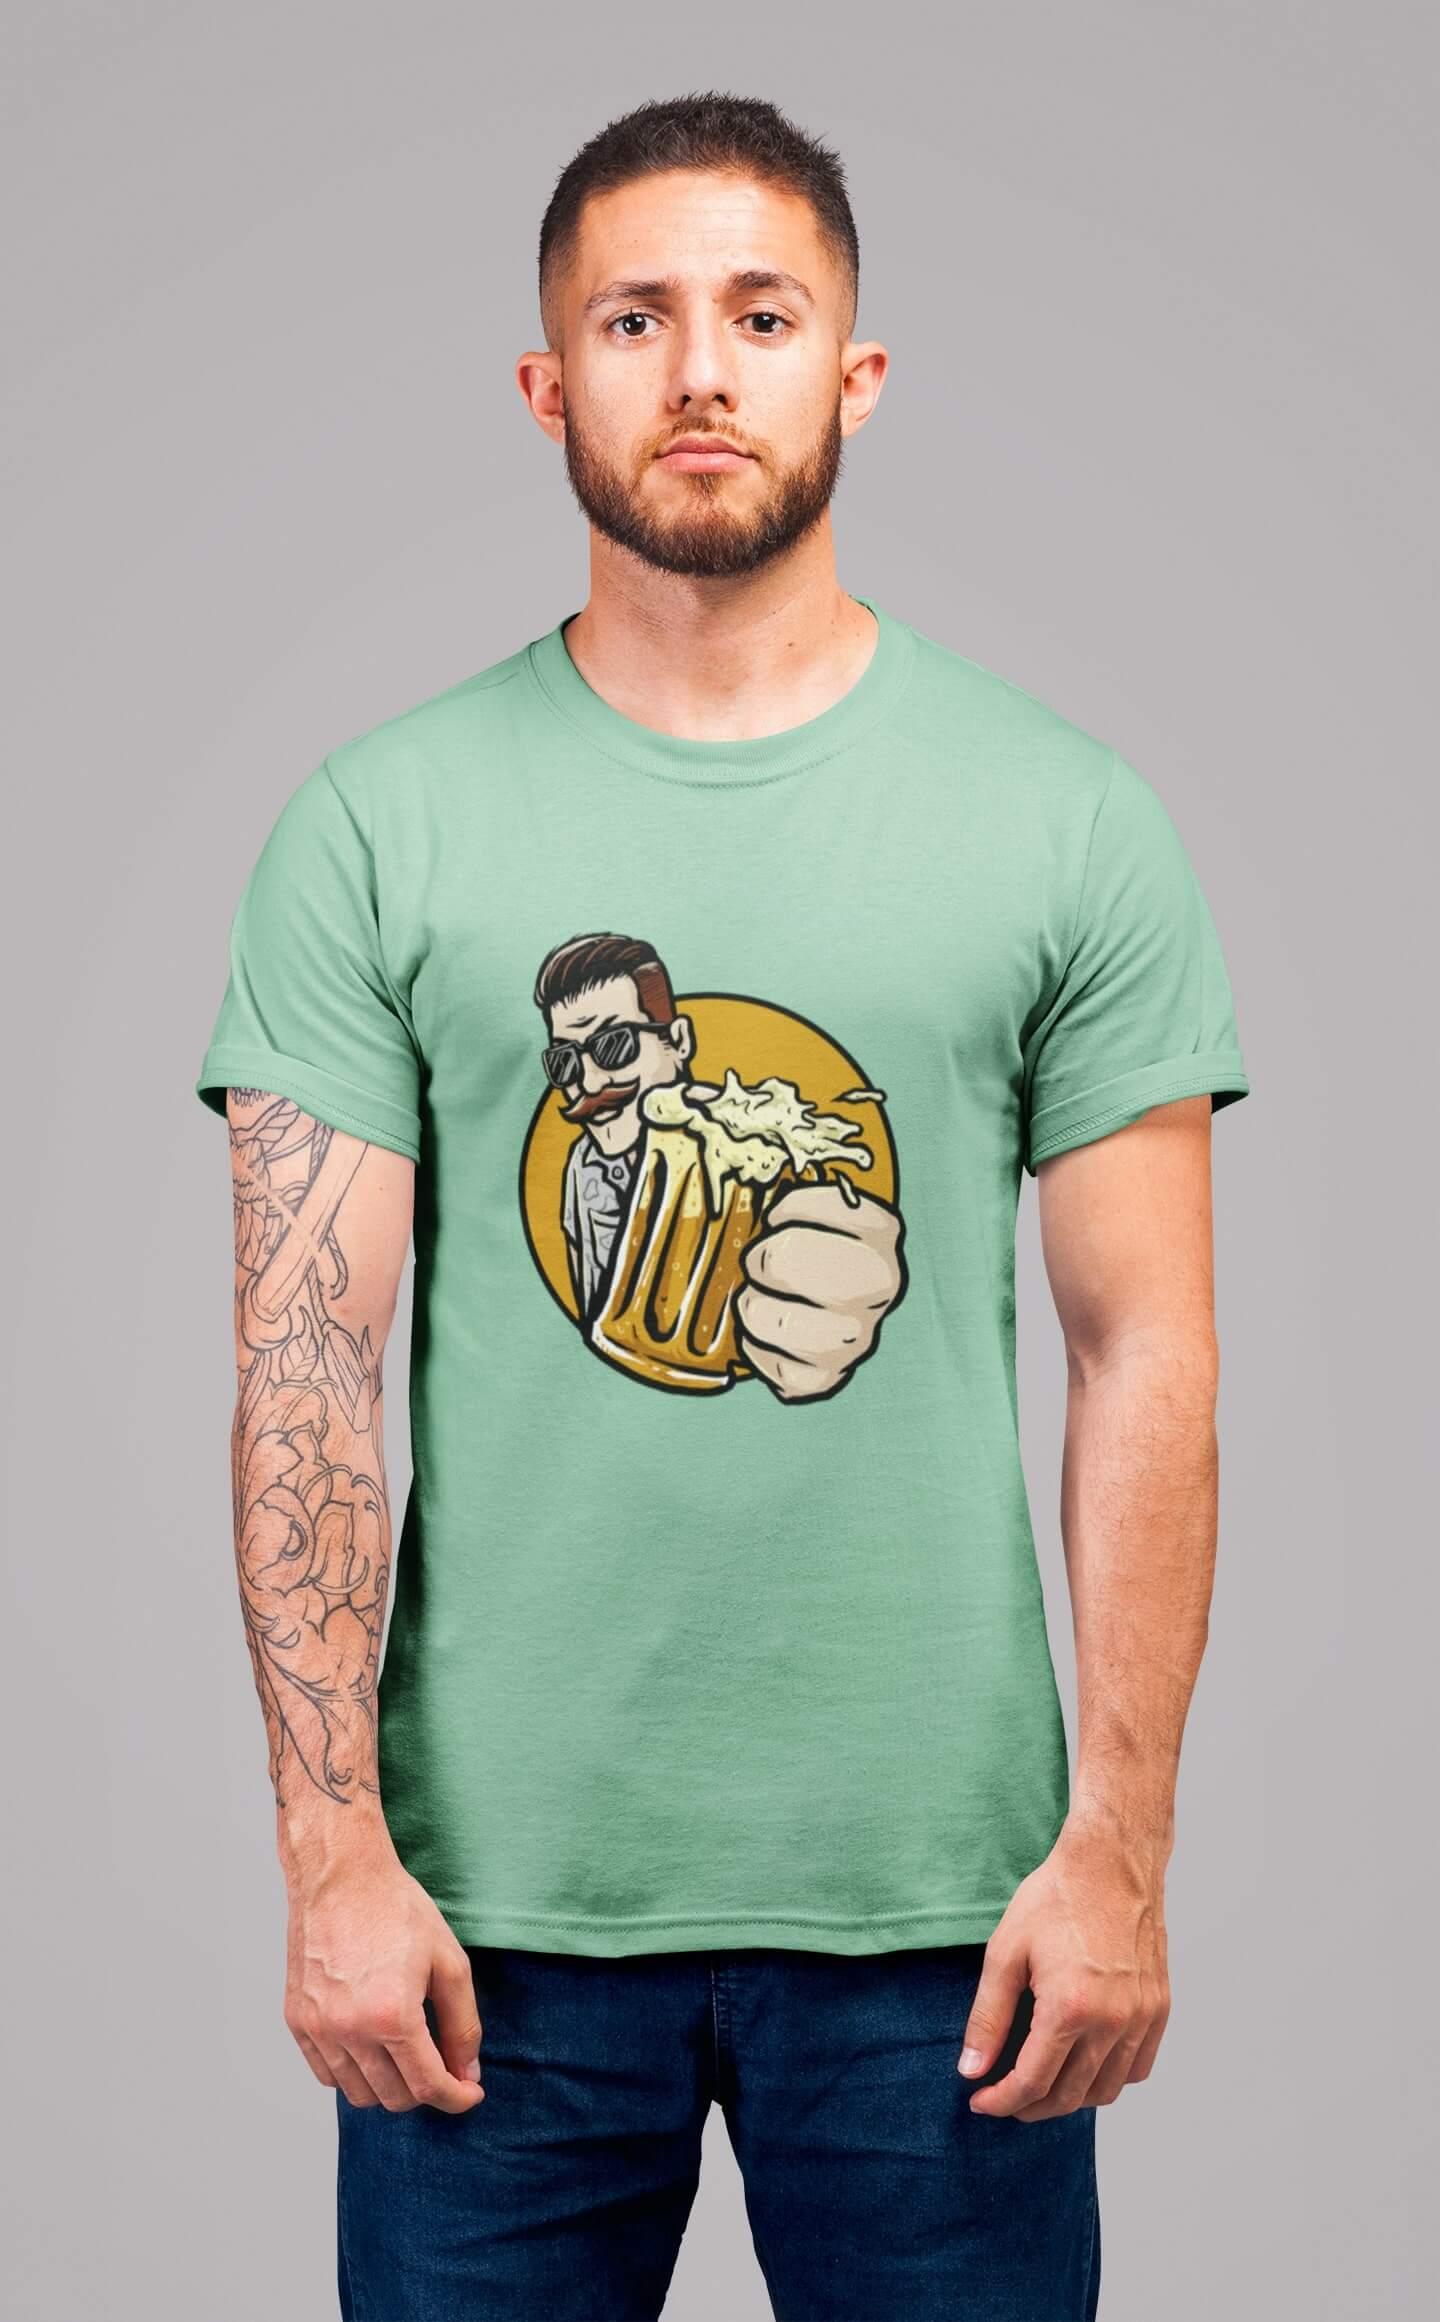 MMO Pánske tričko Chlap s pivom v ruke Vyberte farbu: Mätová, Vyberte veľkosť: L